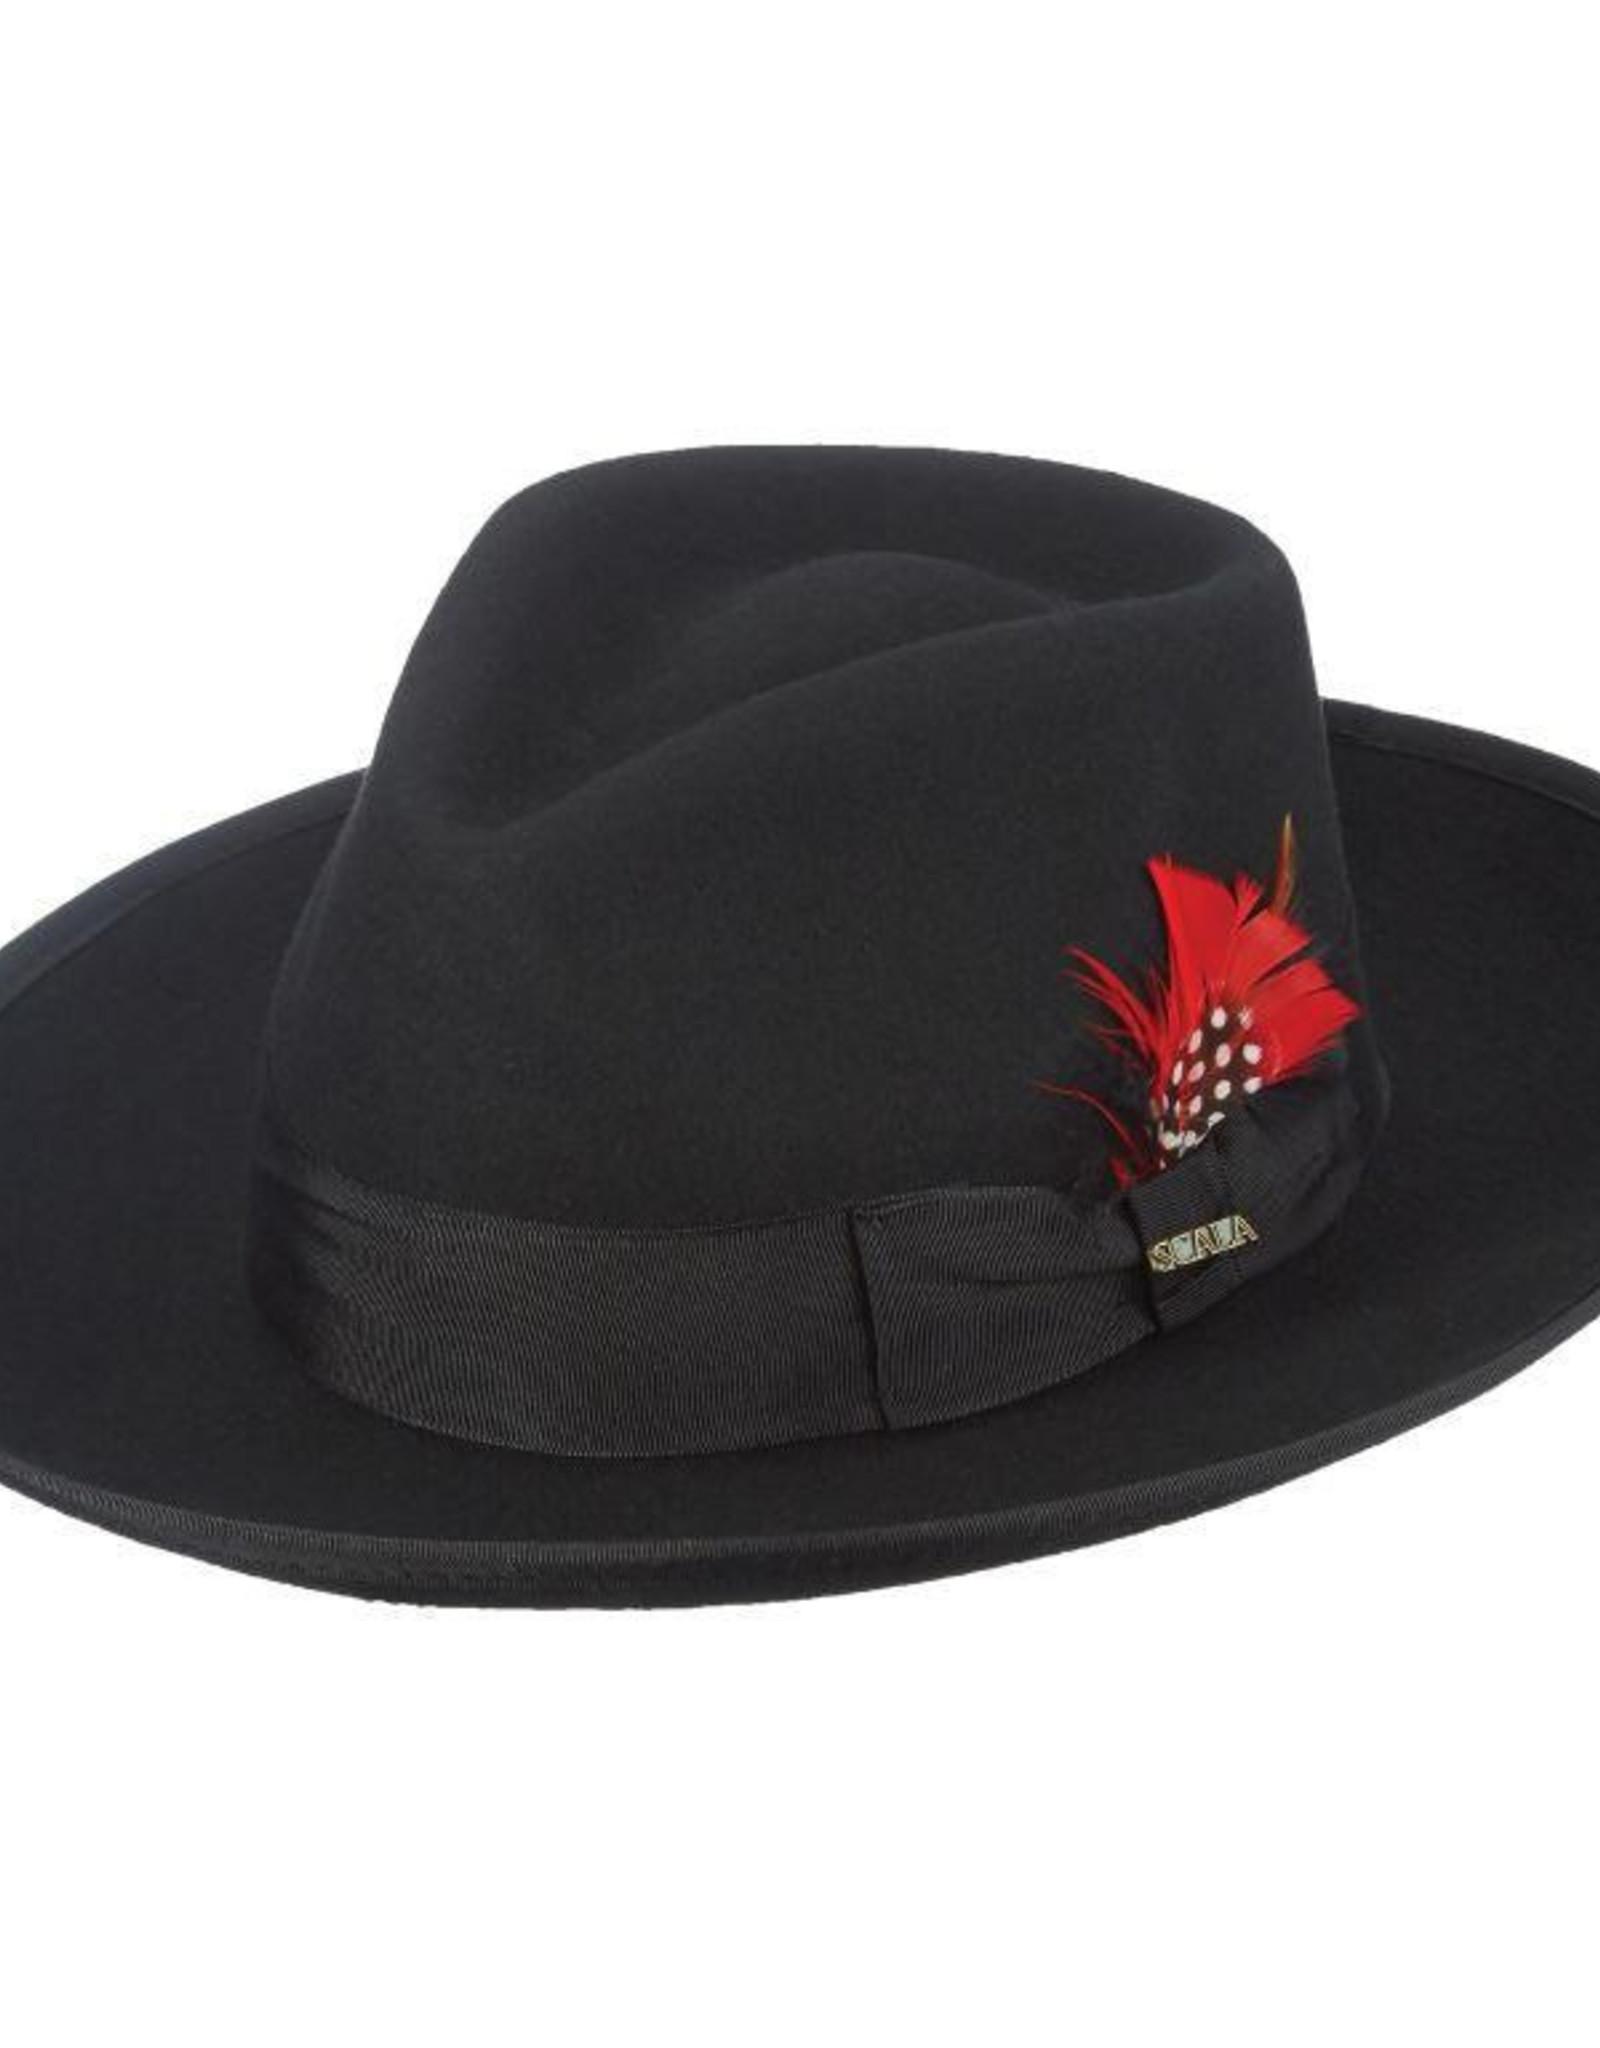 HAT-FEDORA-BISBEE/ZOOT